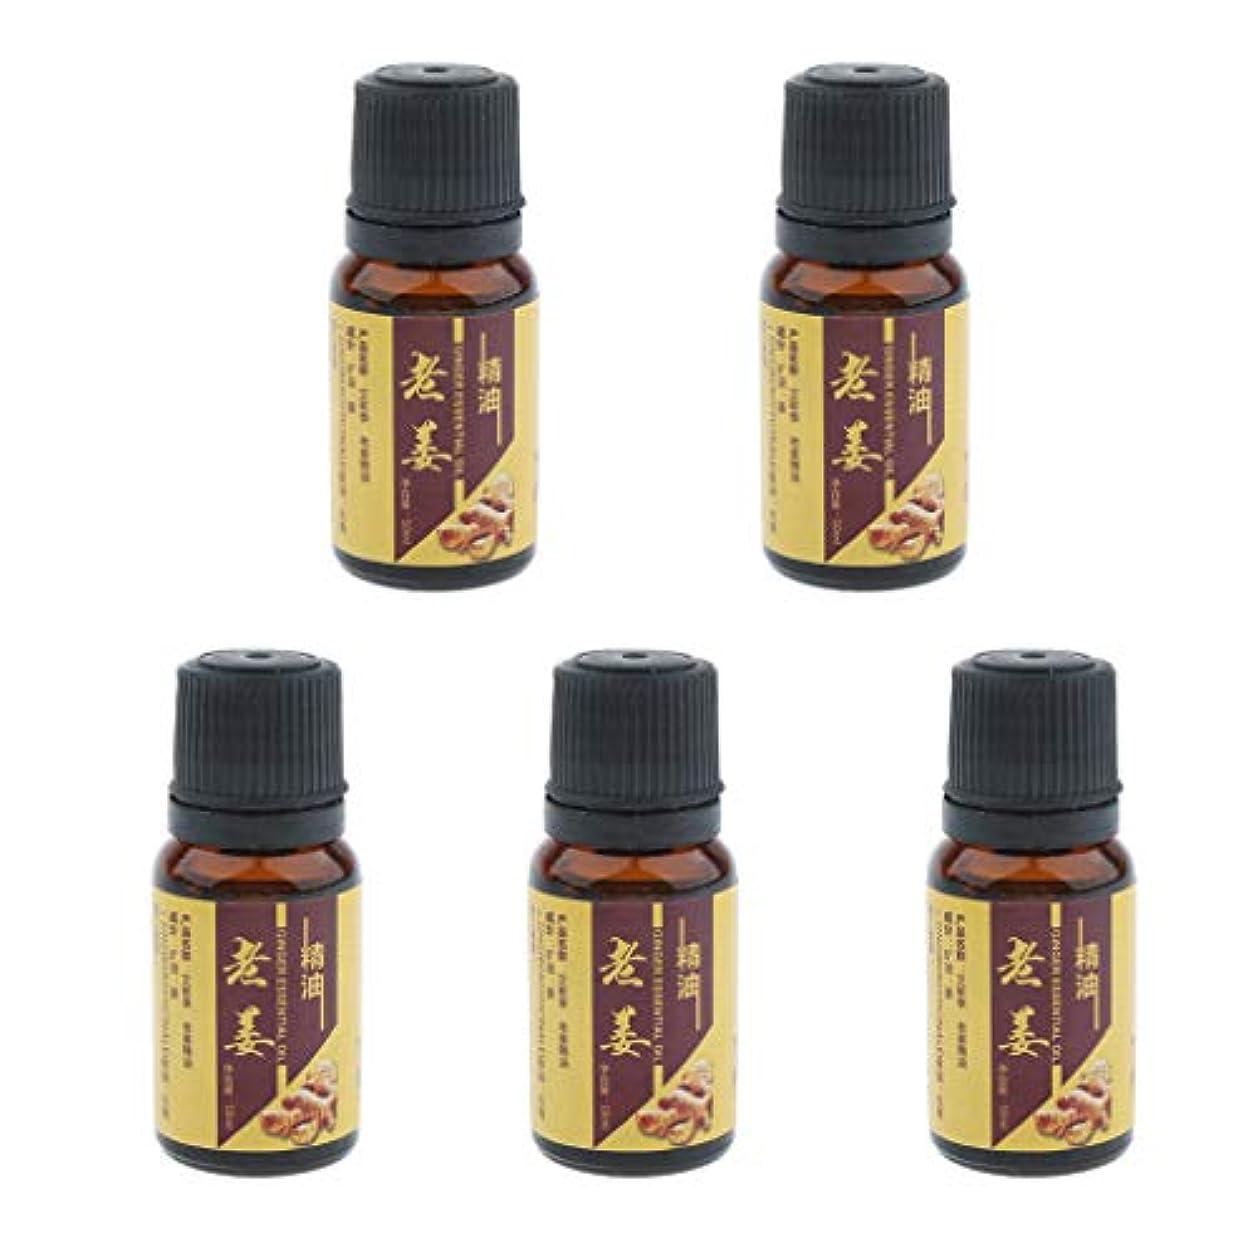 Perfeclan エッセンシャルオイル アロマオイル 天然 精油 5本 10ミリリットル マッサージ スパ用 4色選ぶ - ショウガ